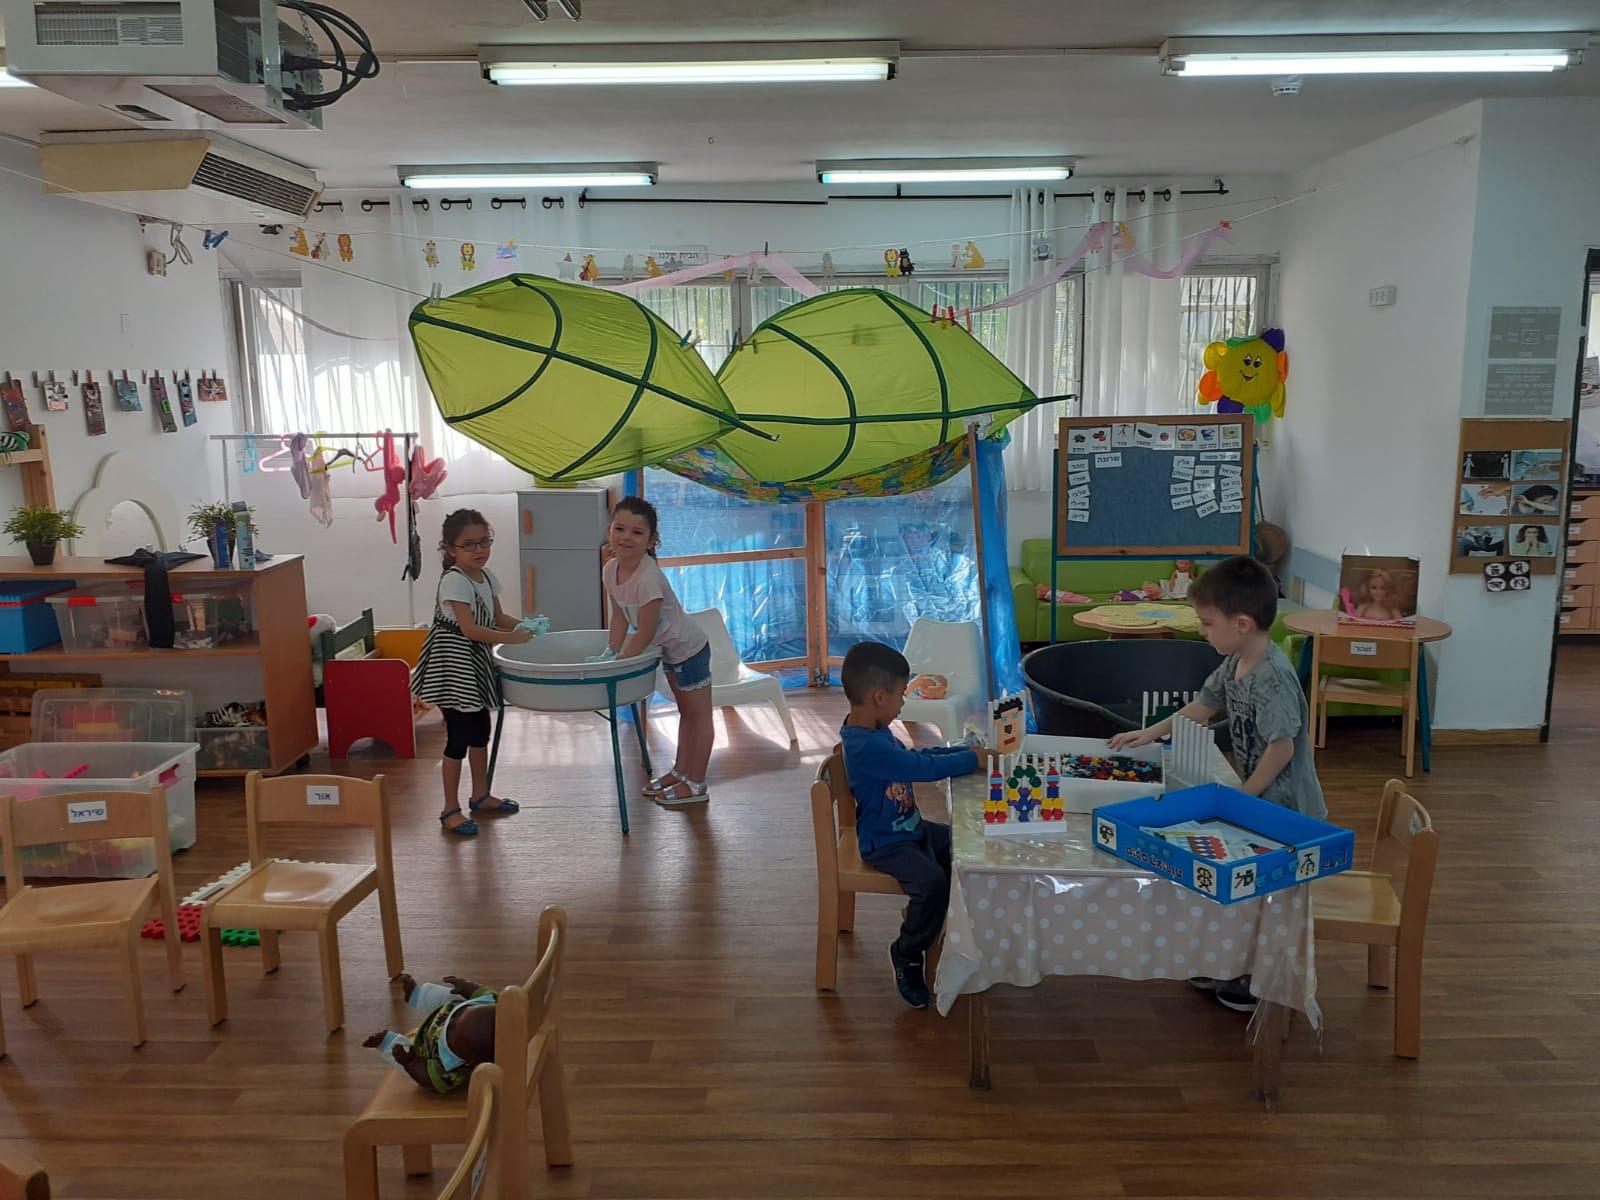 פעילות בגני ילדים עירוניים בחולון בתקופת הקורונה צילום-עיריית חולון (3)